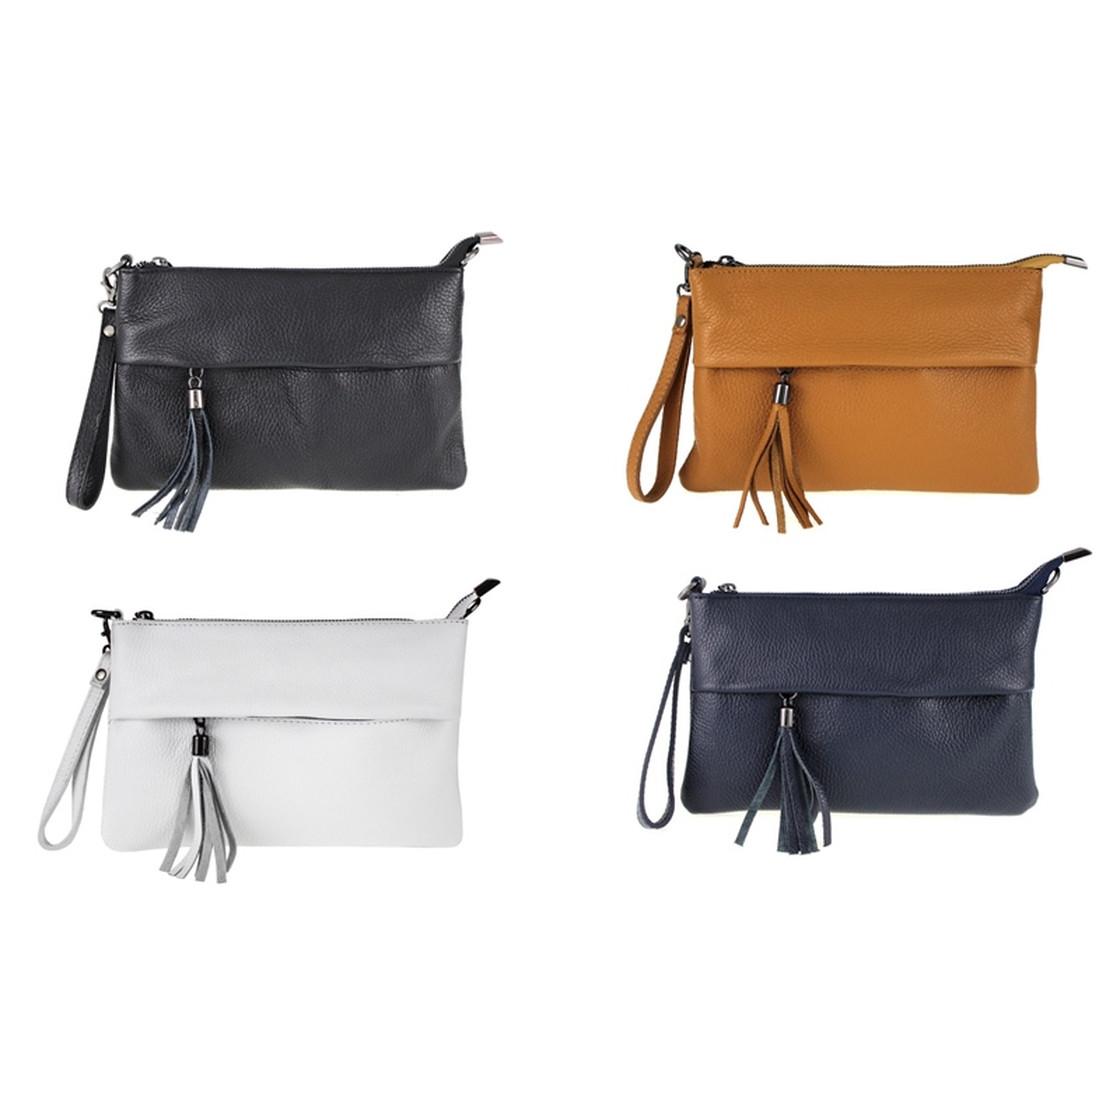 Los Angeles angenehmes Gefühl Modestil Handgelenktasche Unterarmtasche Umhängetasche Mehrere Farben Echt Leder  Damen Made in Italy